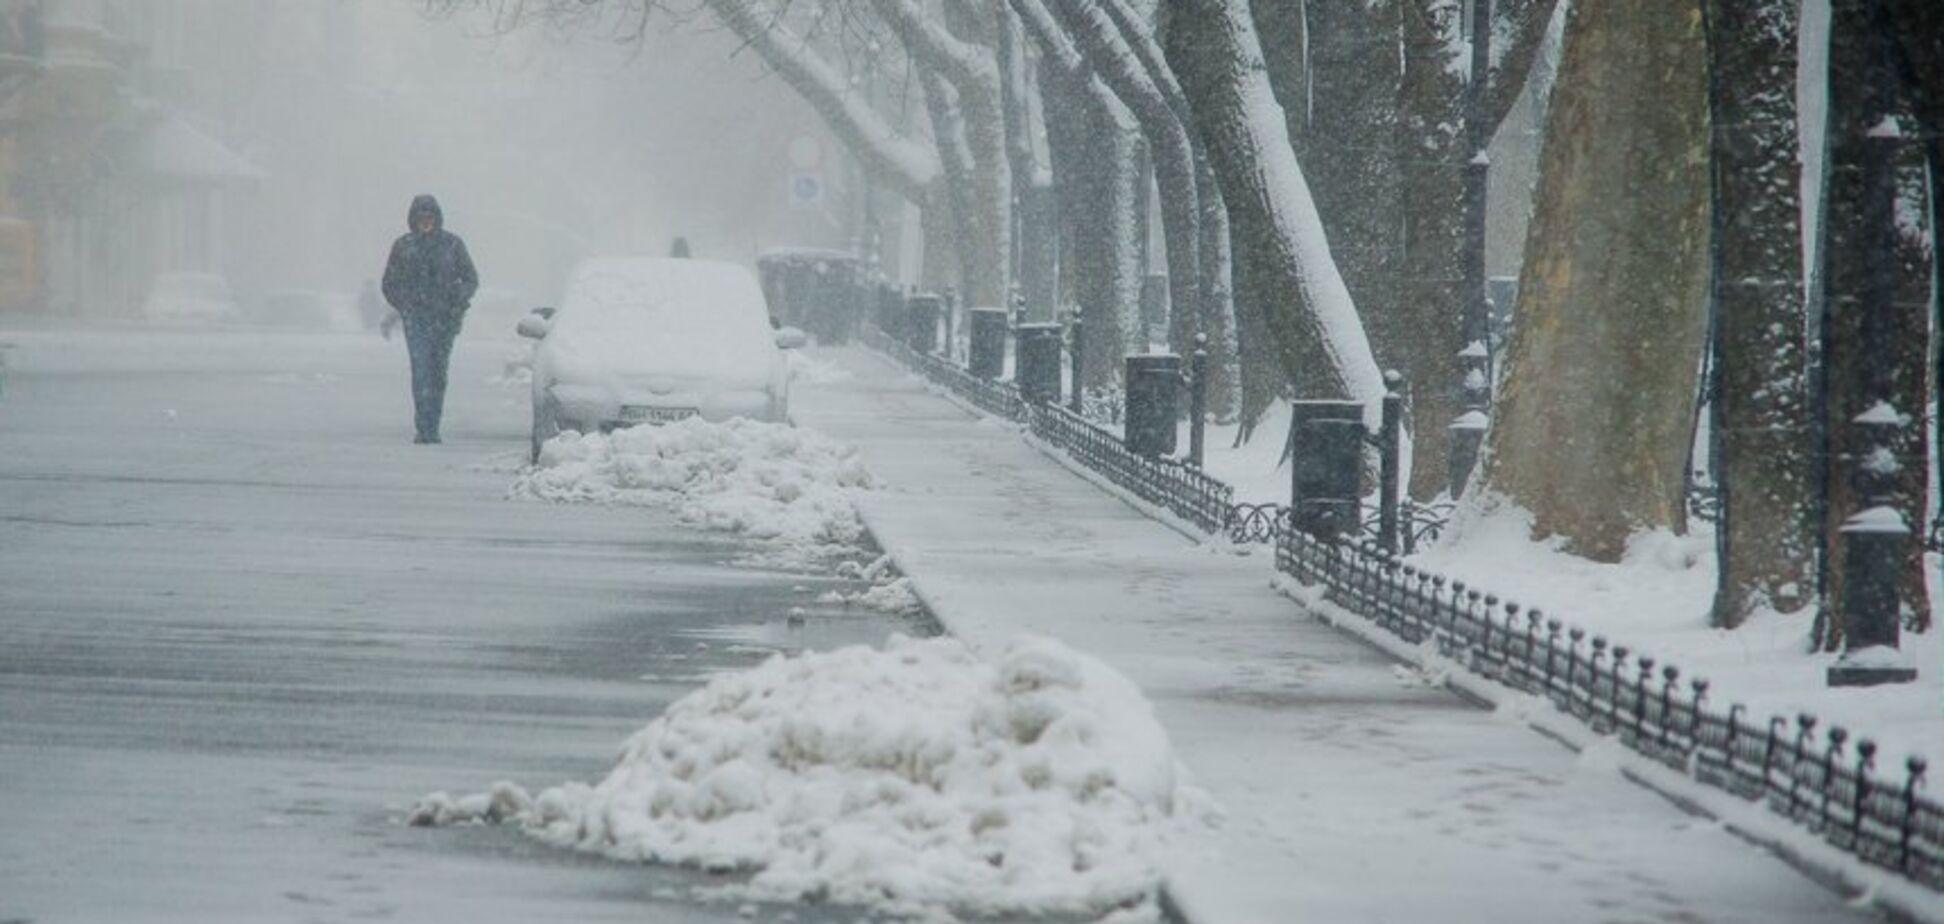 Одессу напугали холодным прогнозом погоды